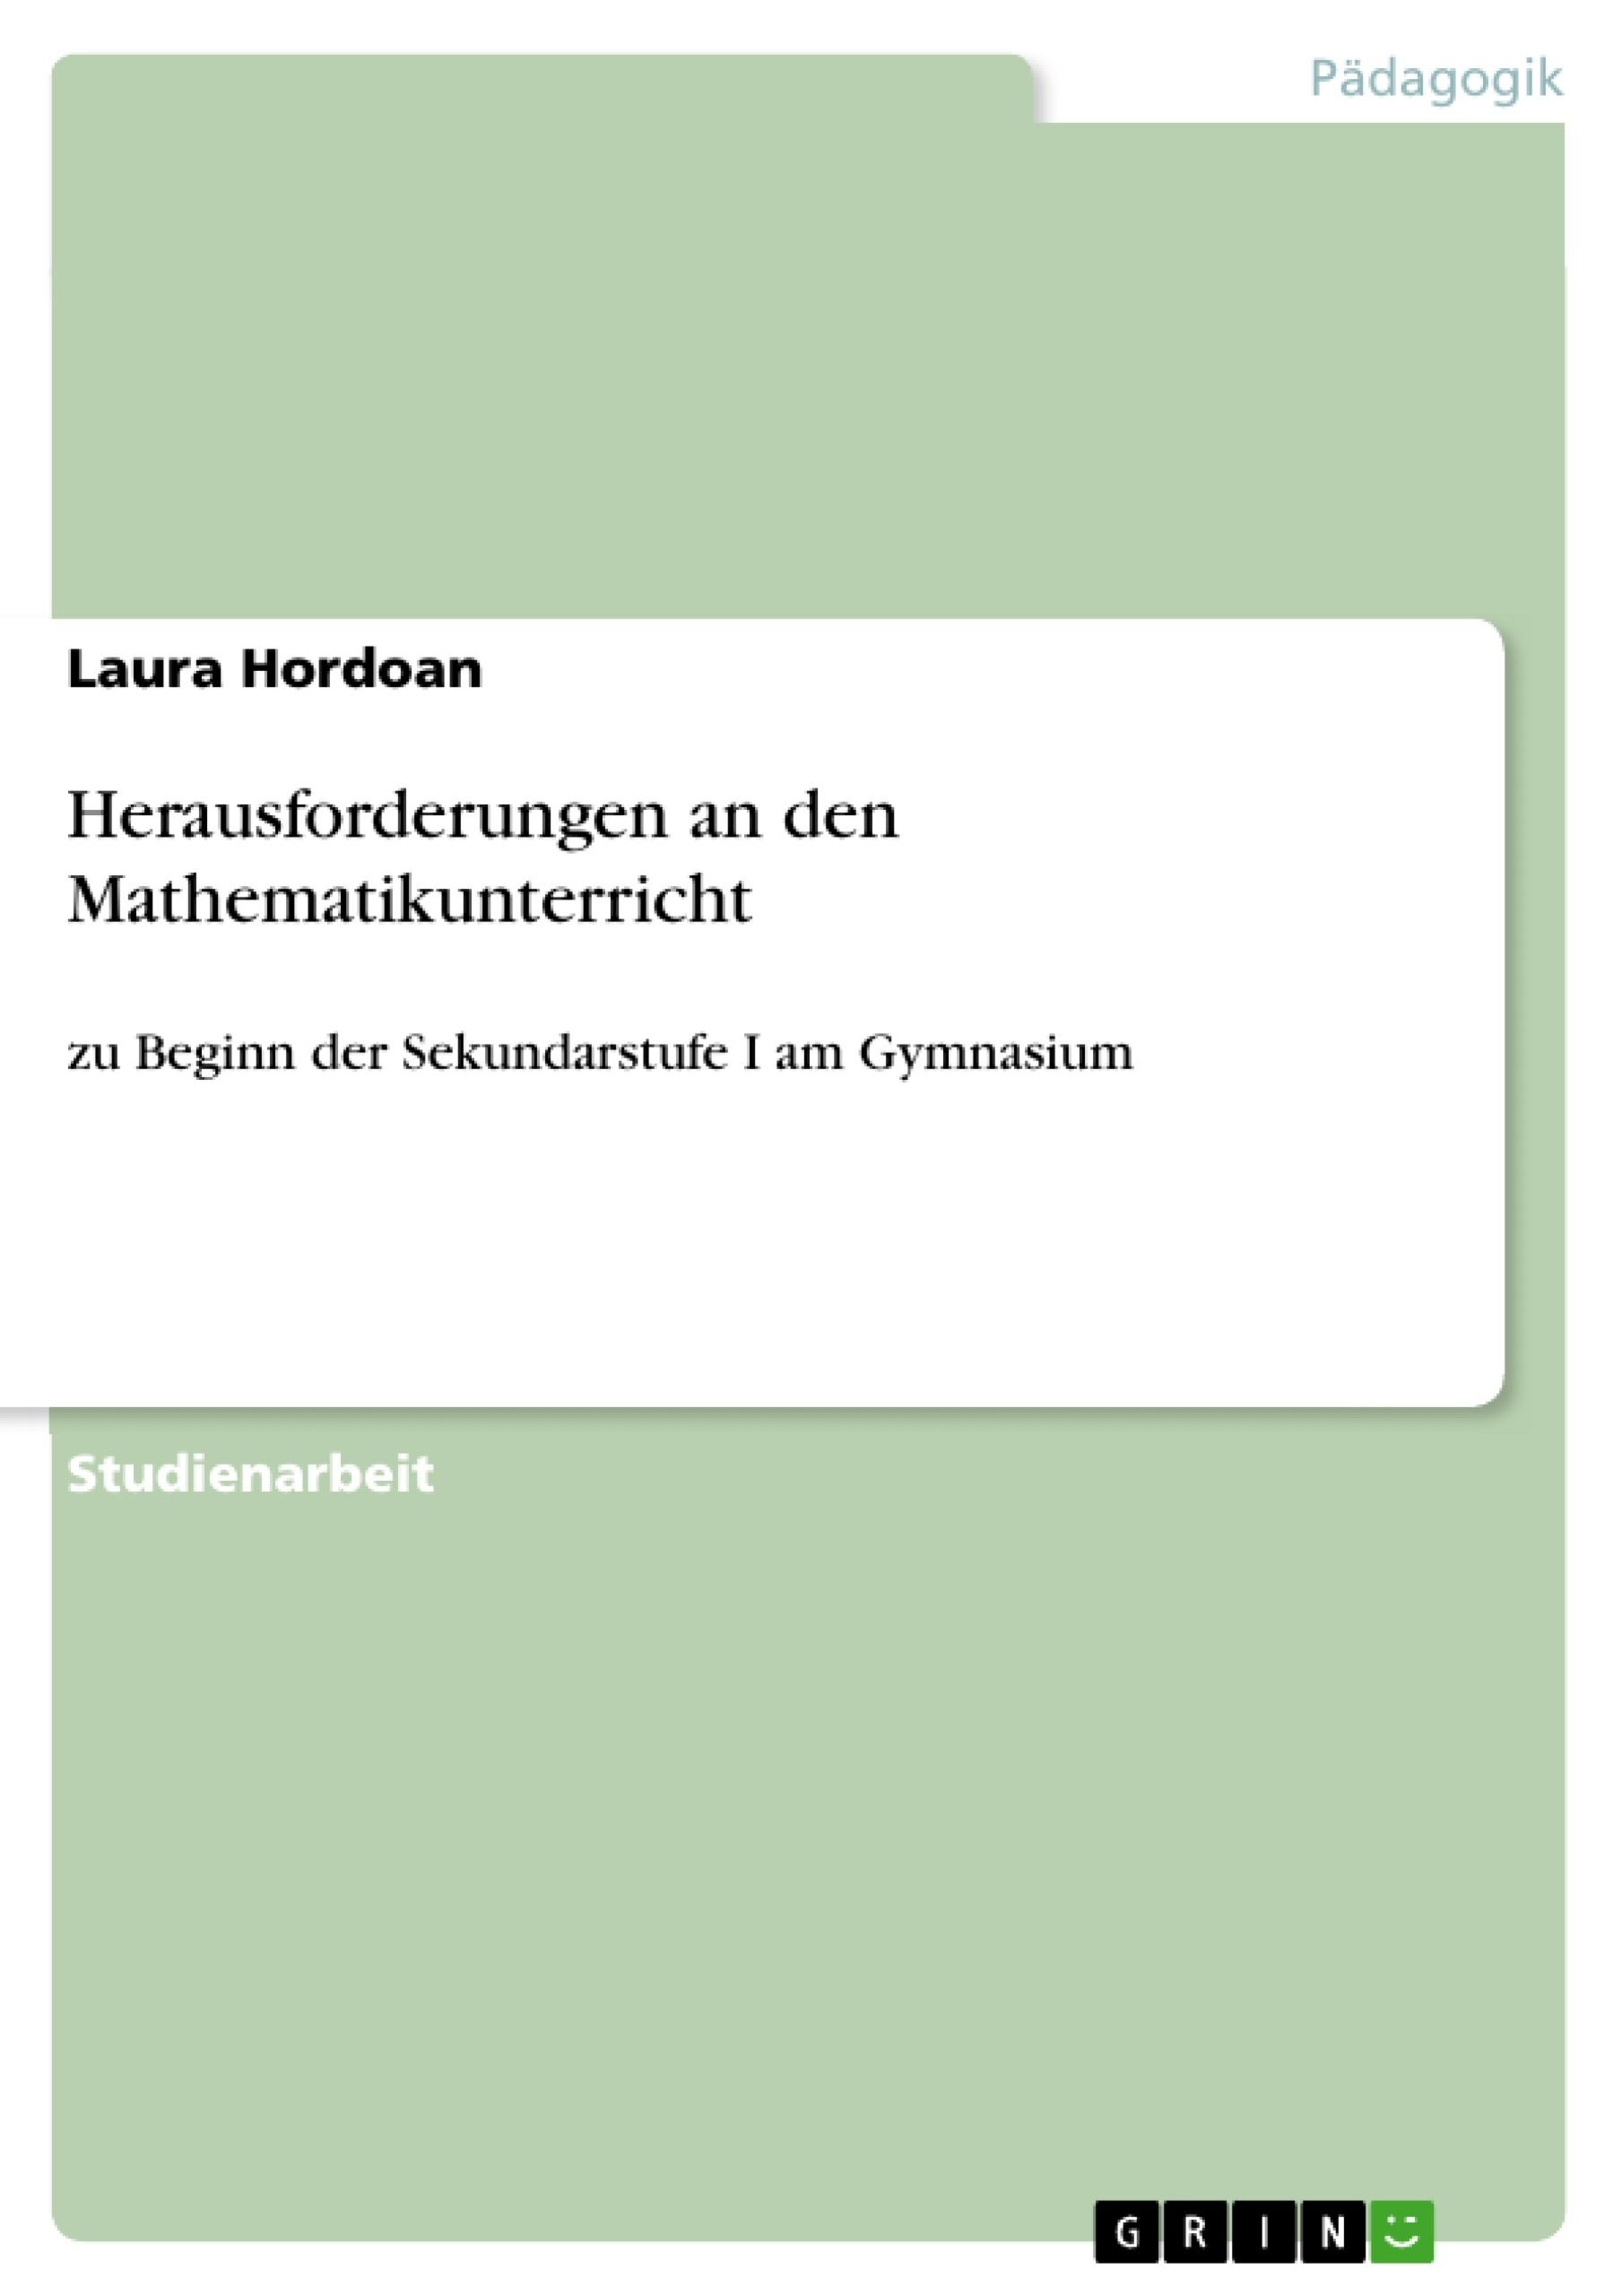 Titel: Herausforderungen an den Mathematikunterricht